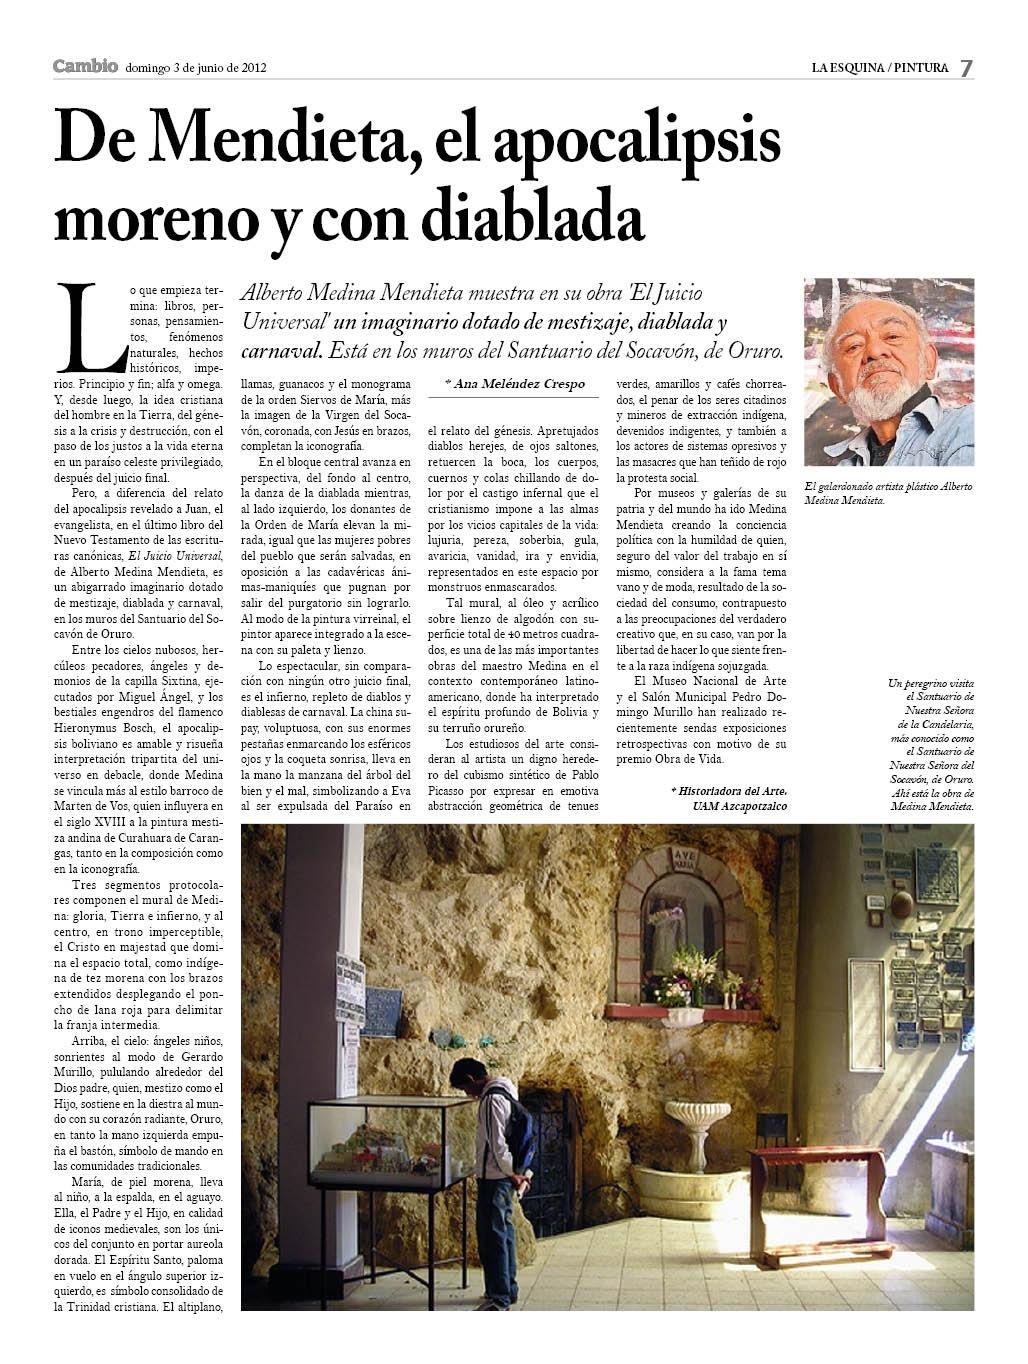 De Alberto Medina el apocalipsis moreno y con diablada